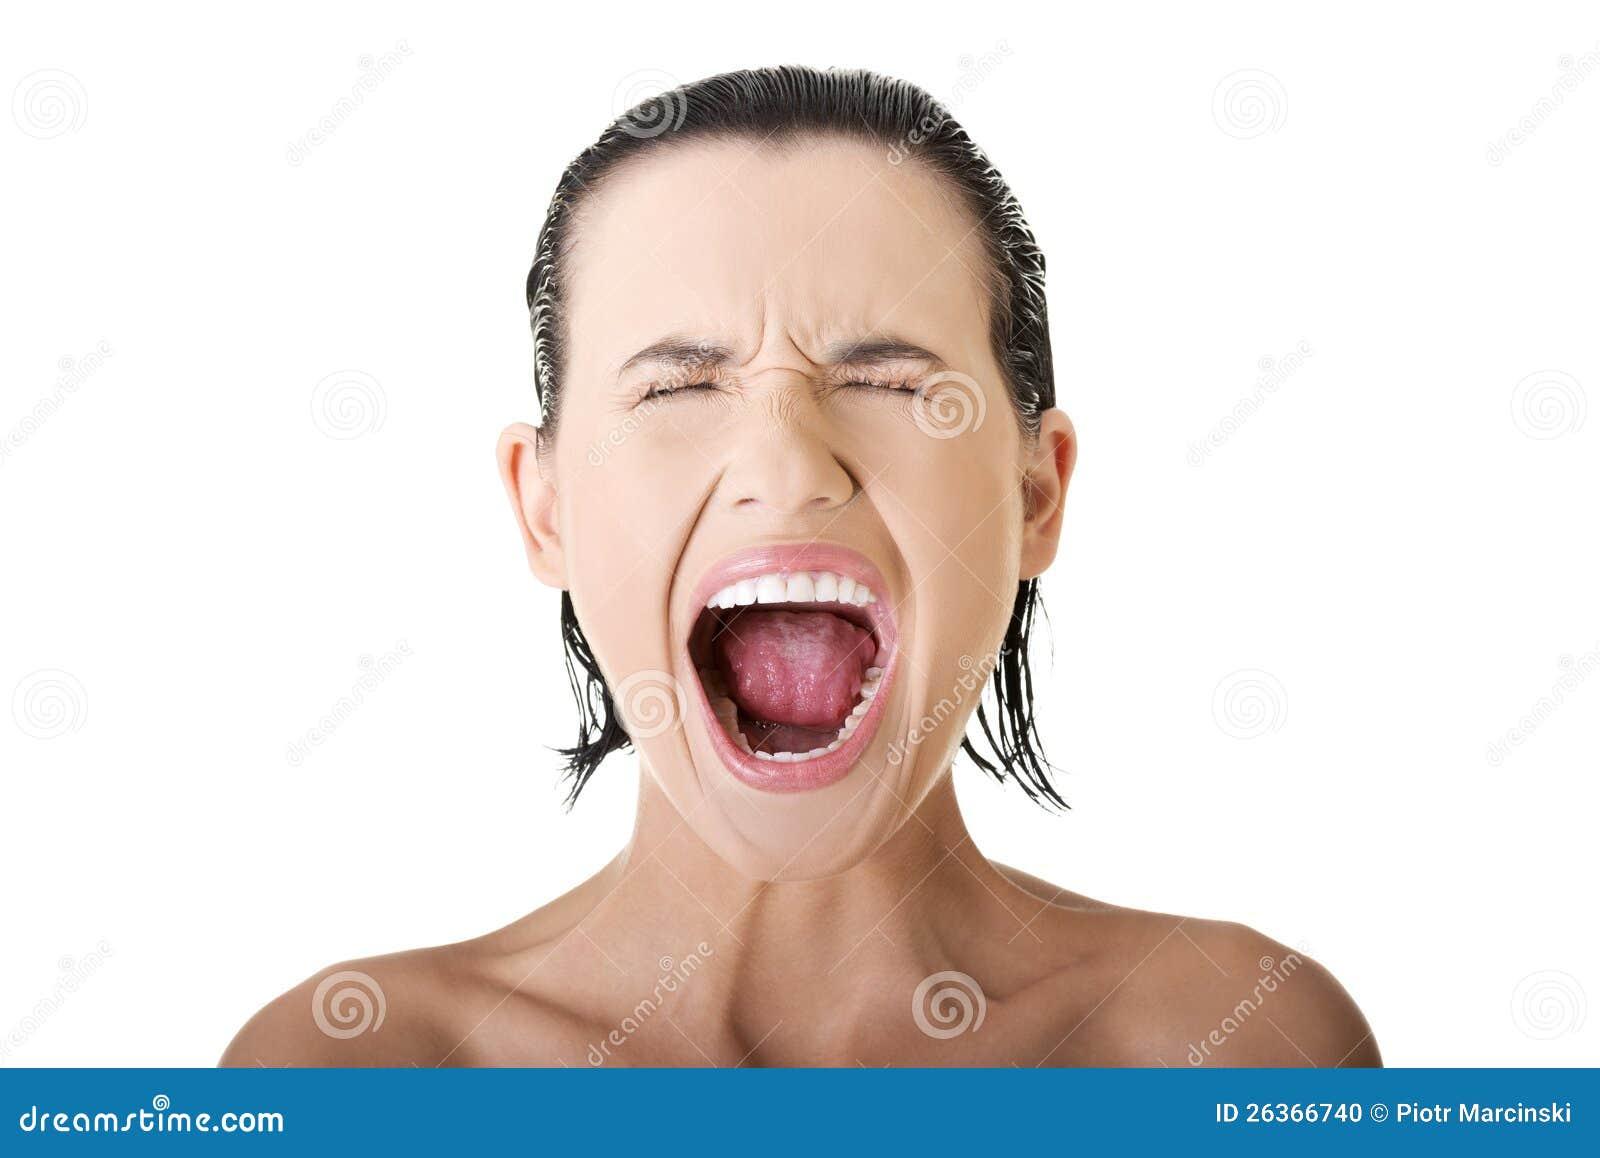 154Онлайн порно зрелая женщина кричит